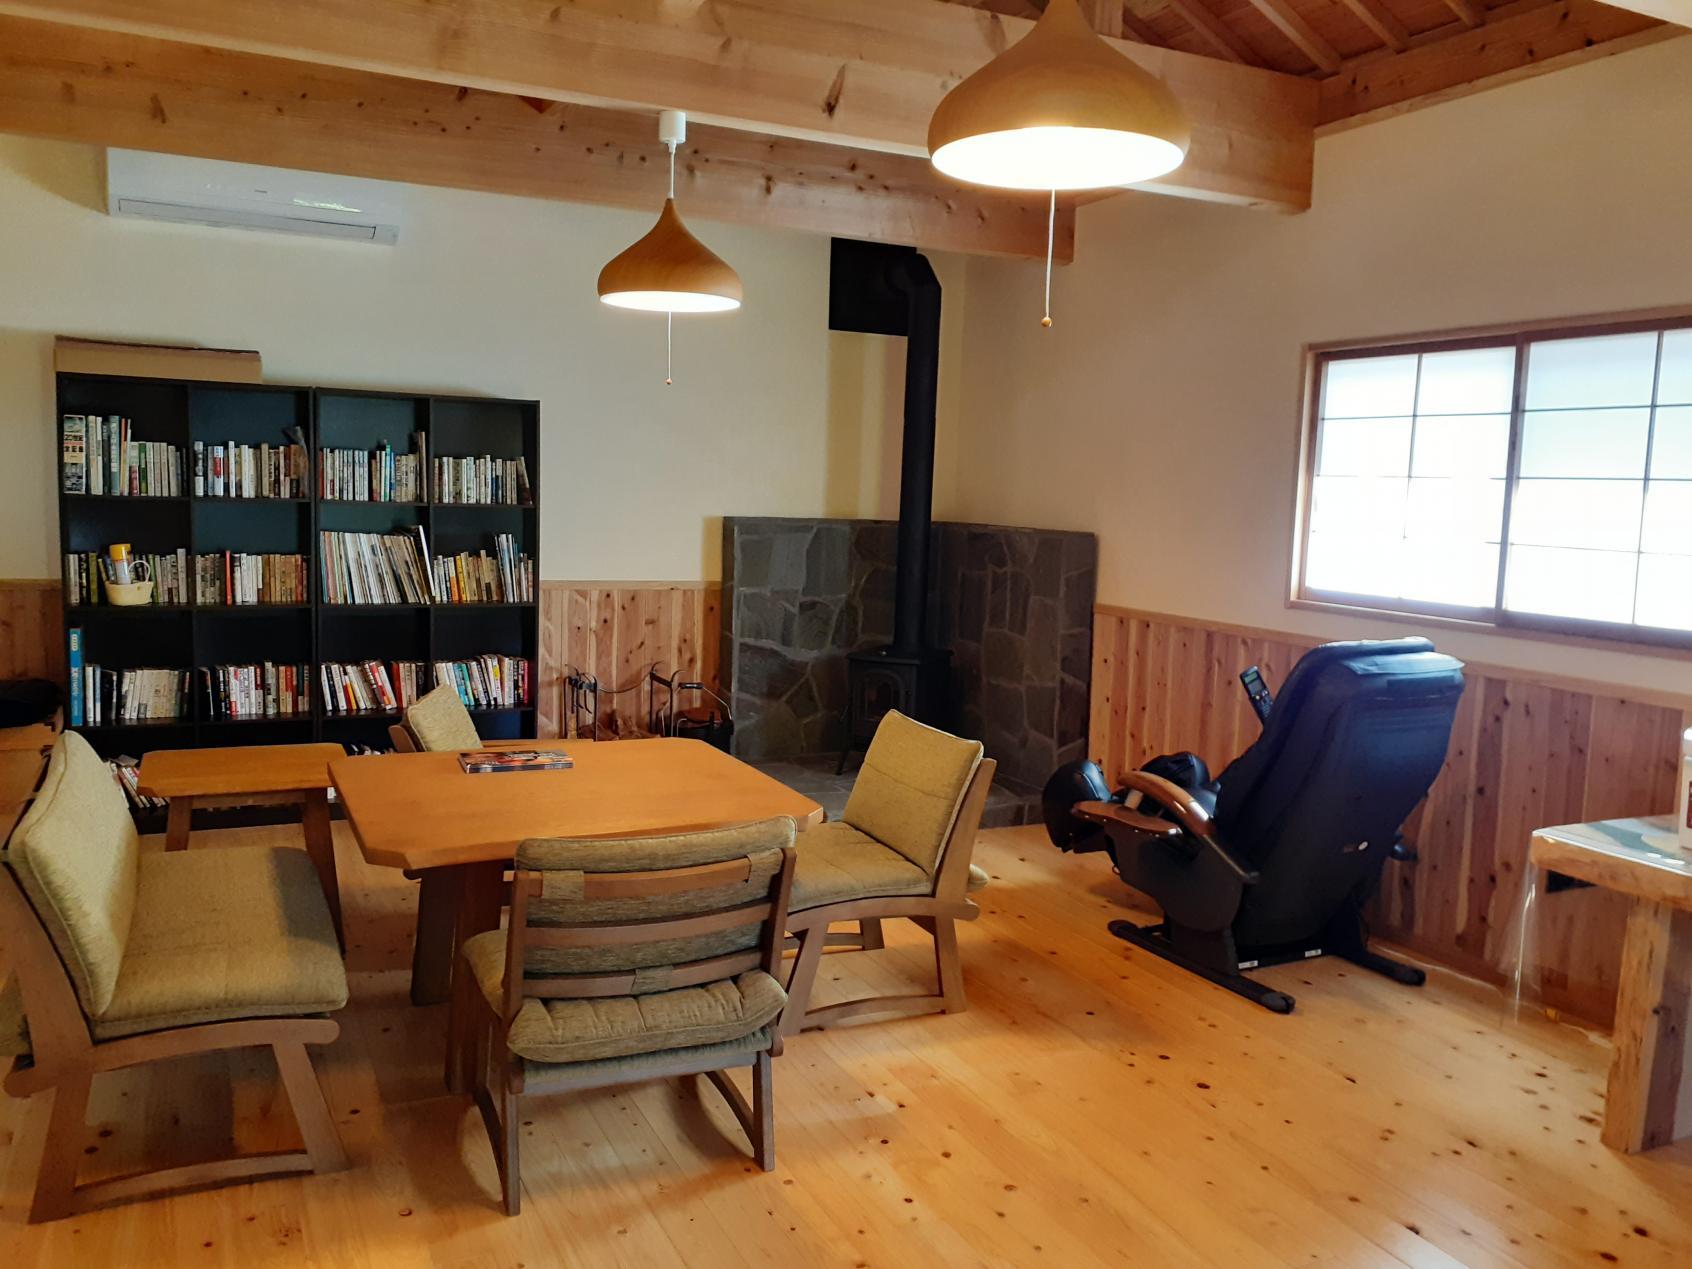 書斎と薪ストーブのある洋間-3